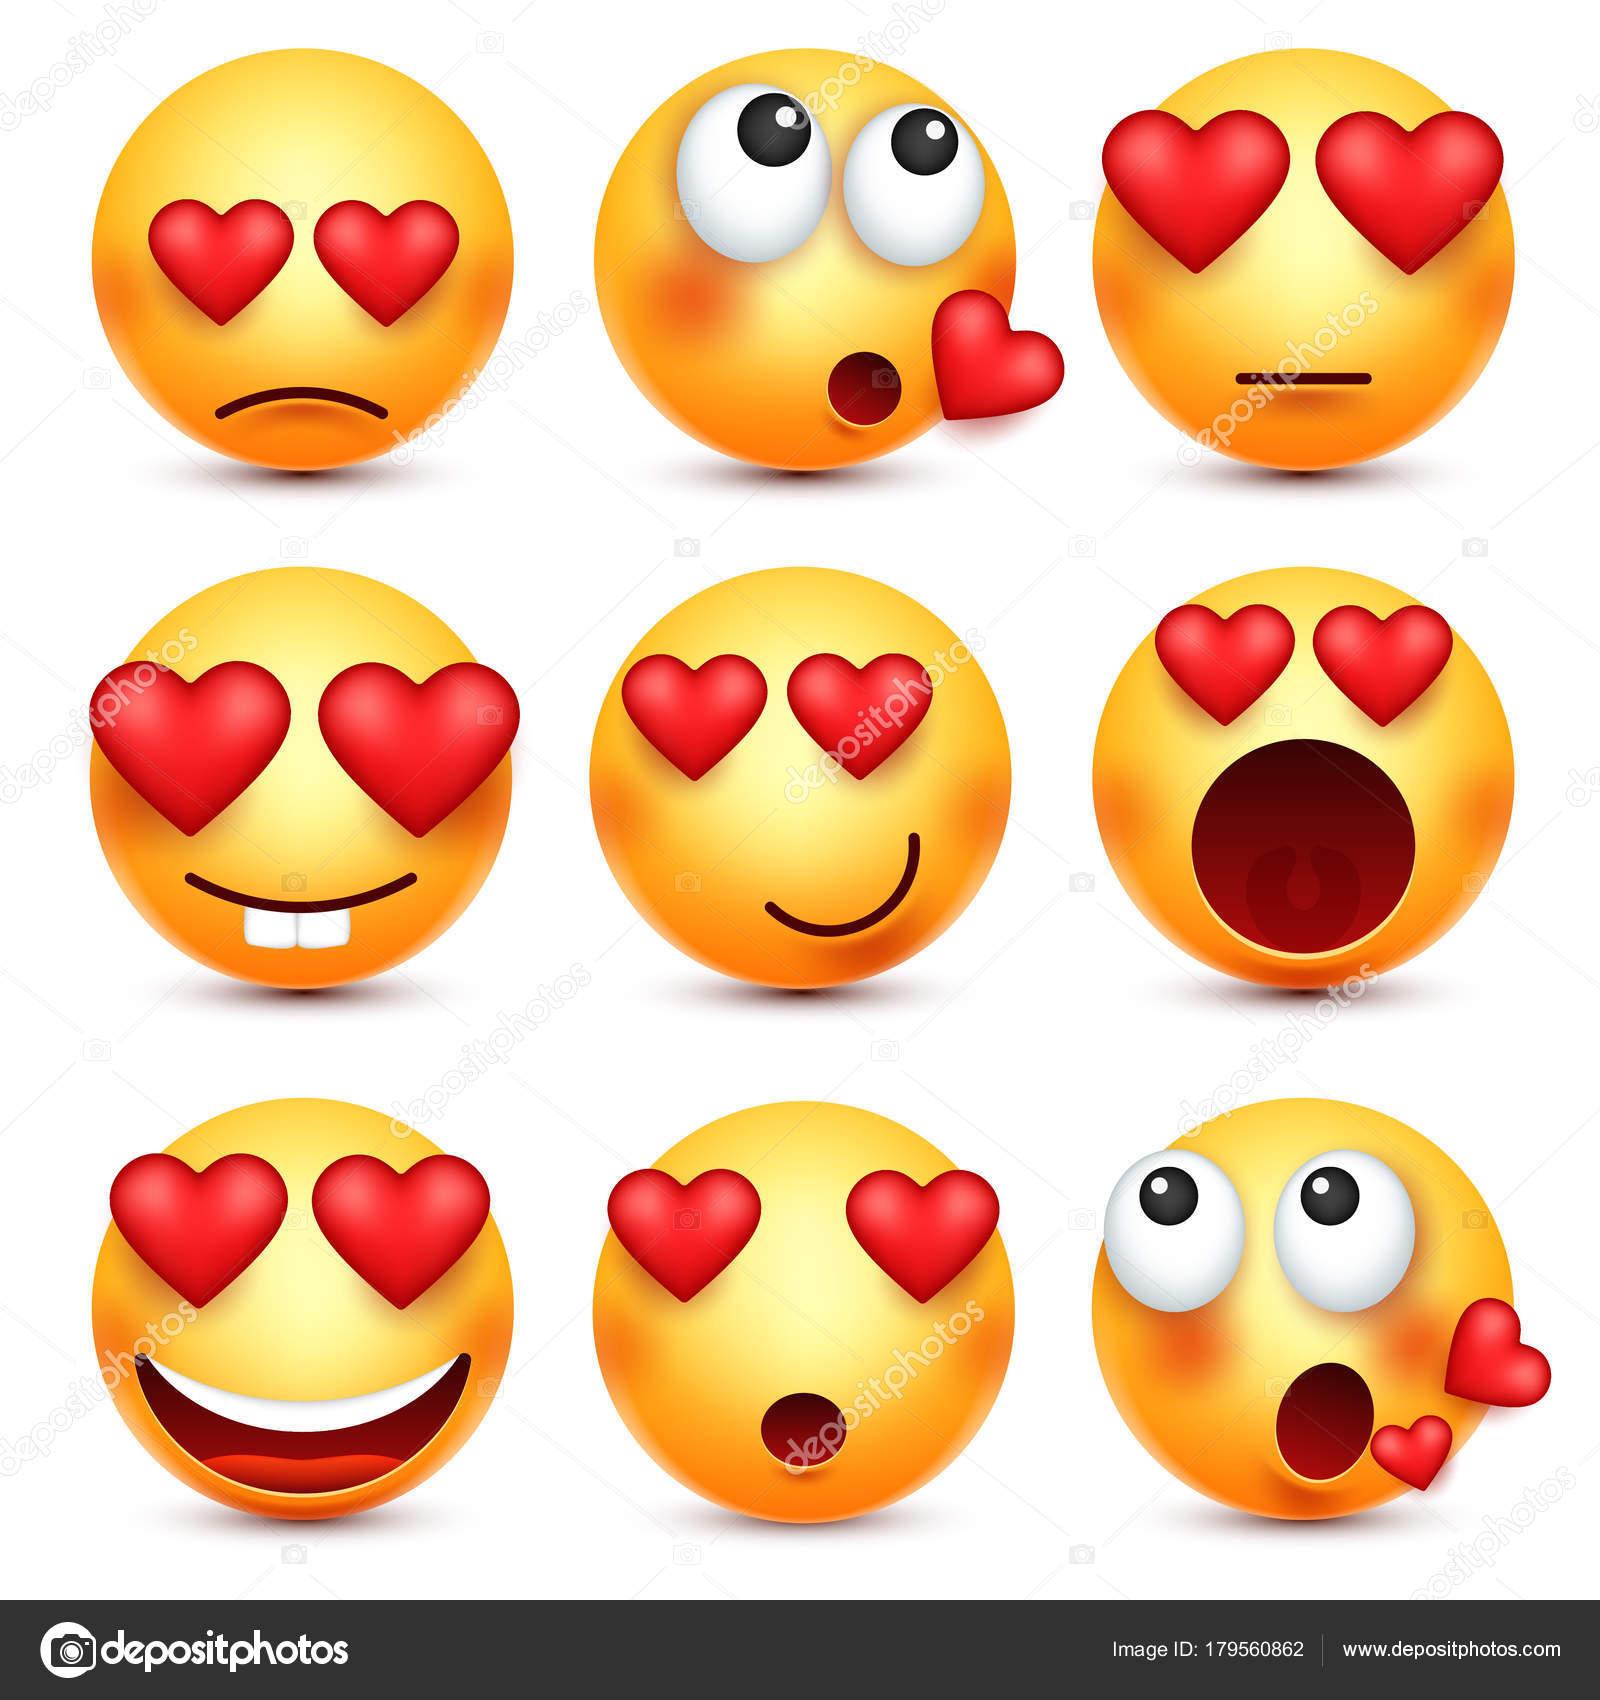 Valentinstag Smiley Emoji Mit Herz Liebe Februar 14 Stockvektor